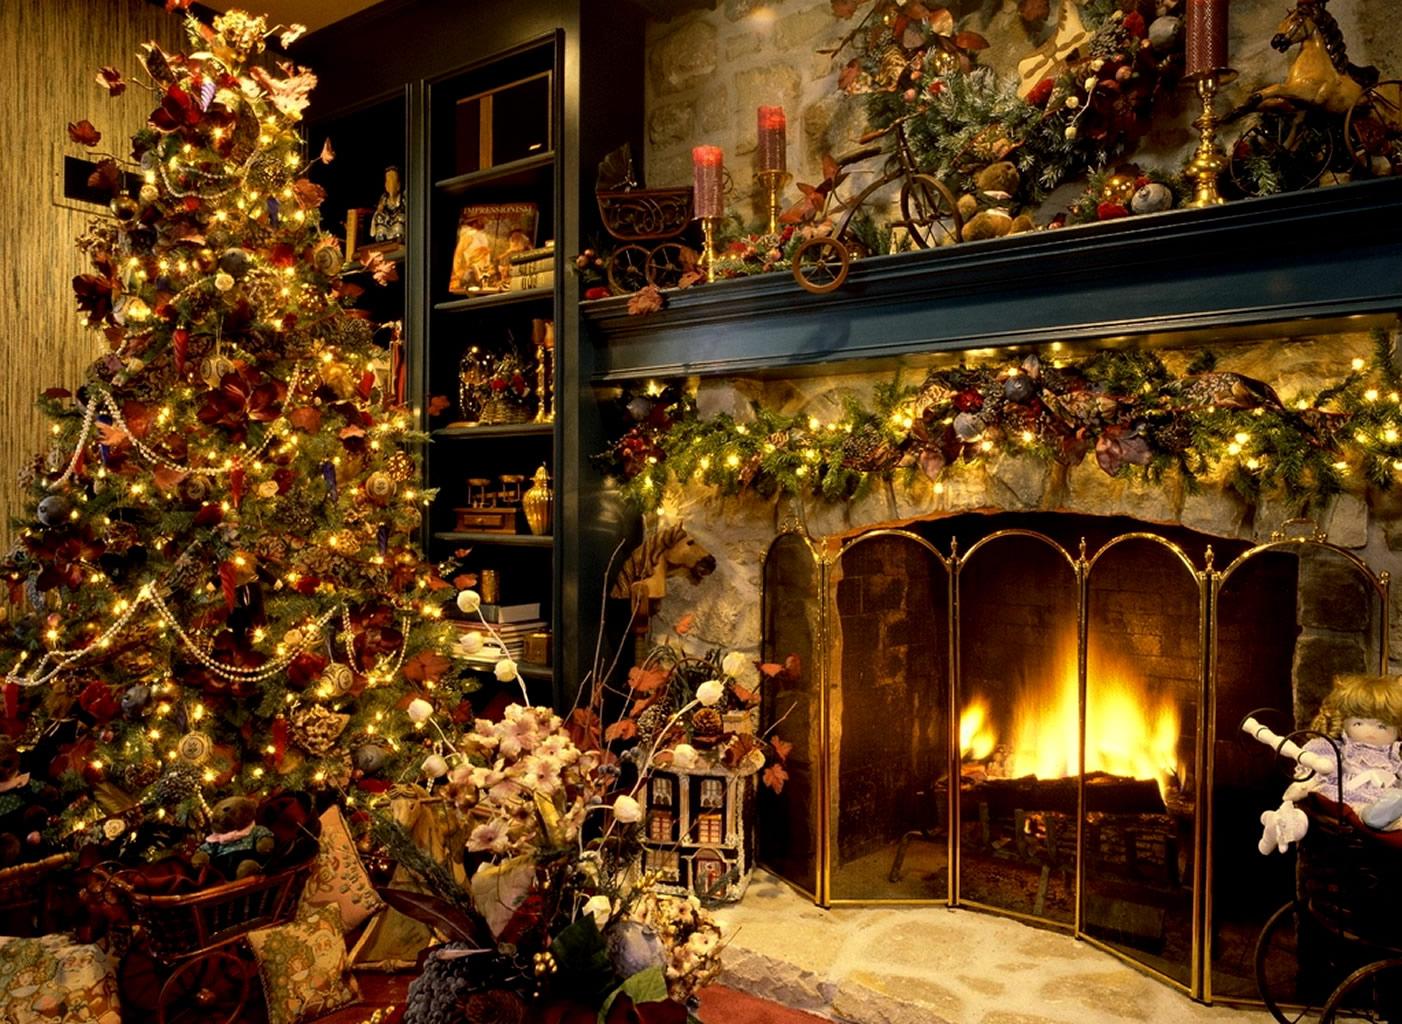 Серебристо белой гамме новый год бесспорно семейный праздник желательно привлечь